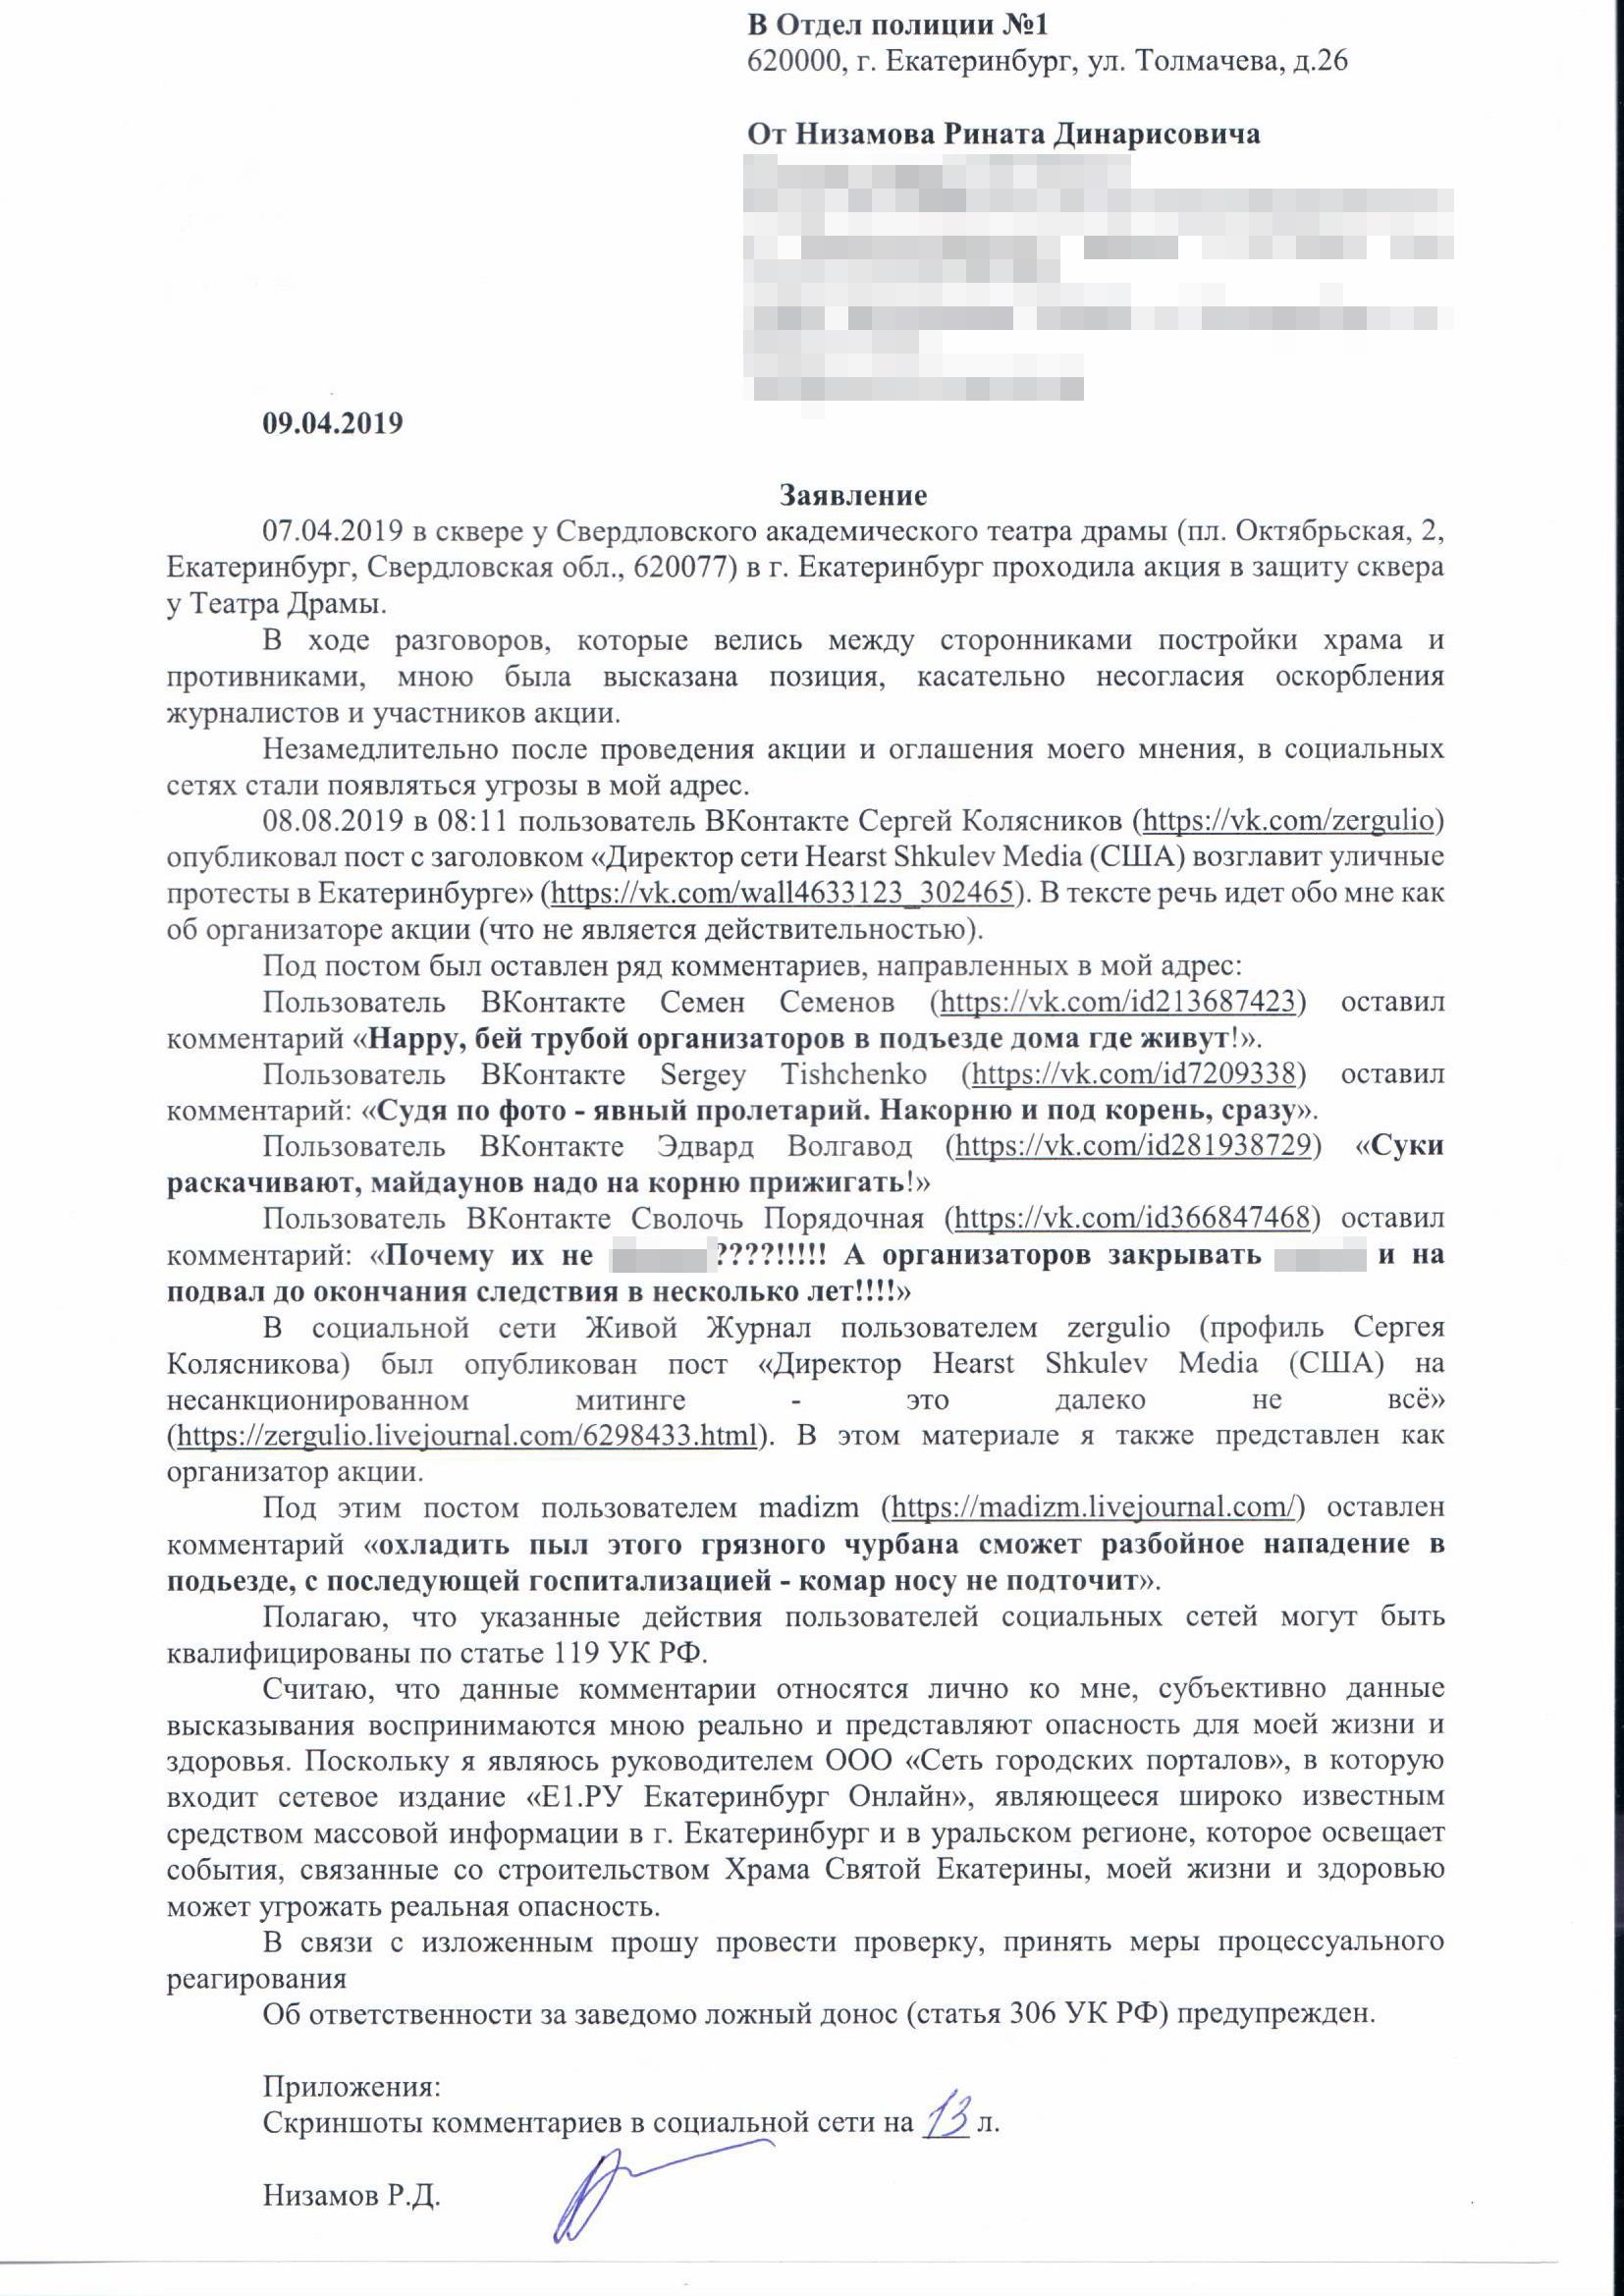 Заявление в полицию, которое писал Ринат